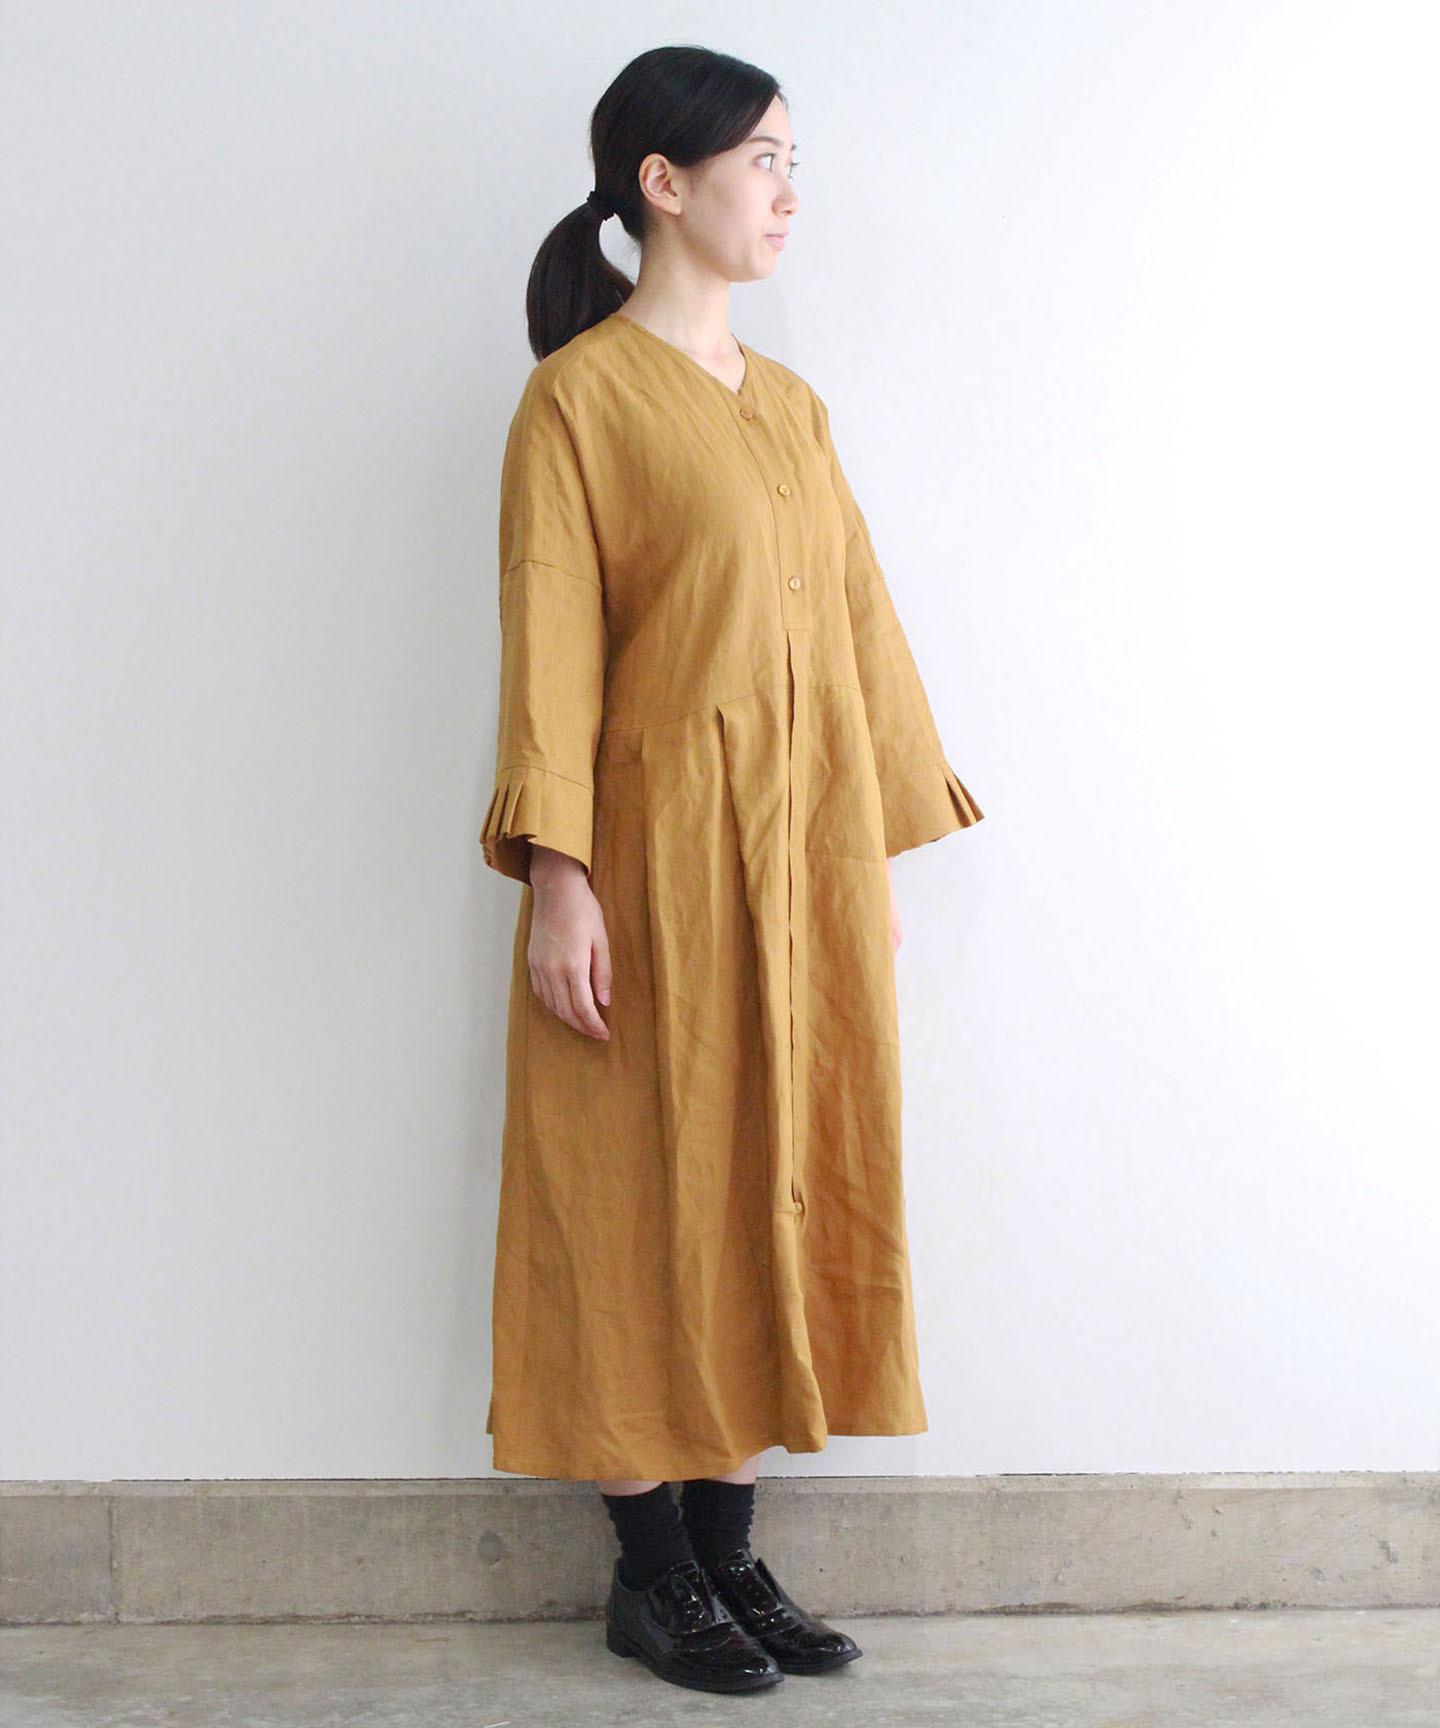 【予約商品】リネンタックカフスワンピースドレス(evi603 YEL・イエロー)